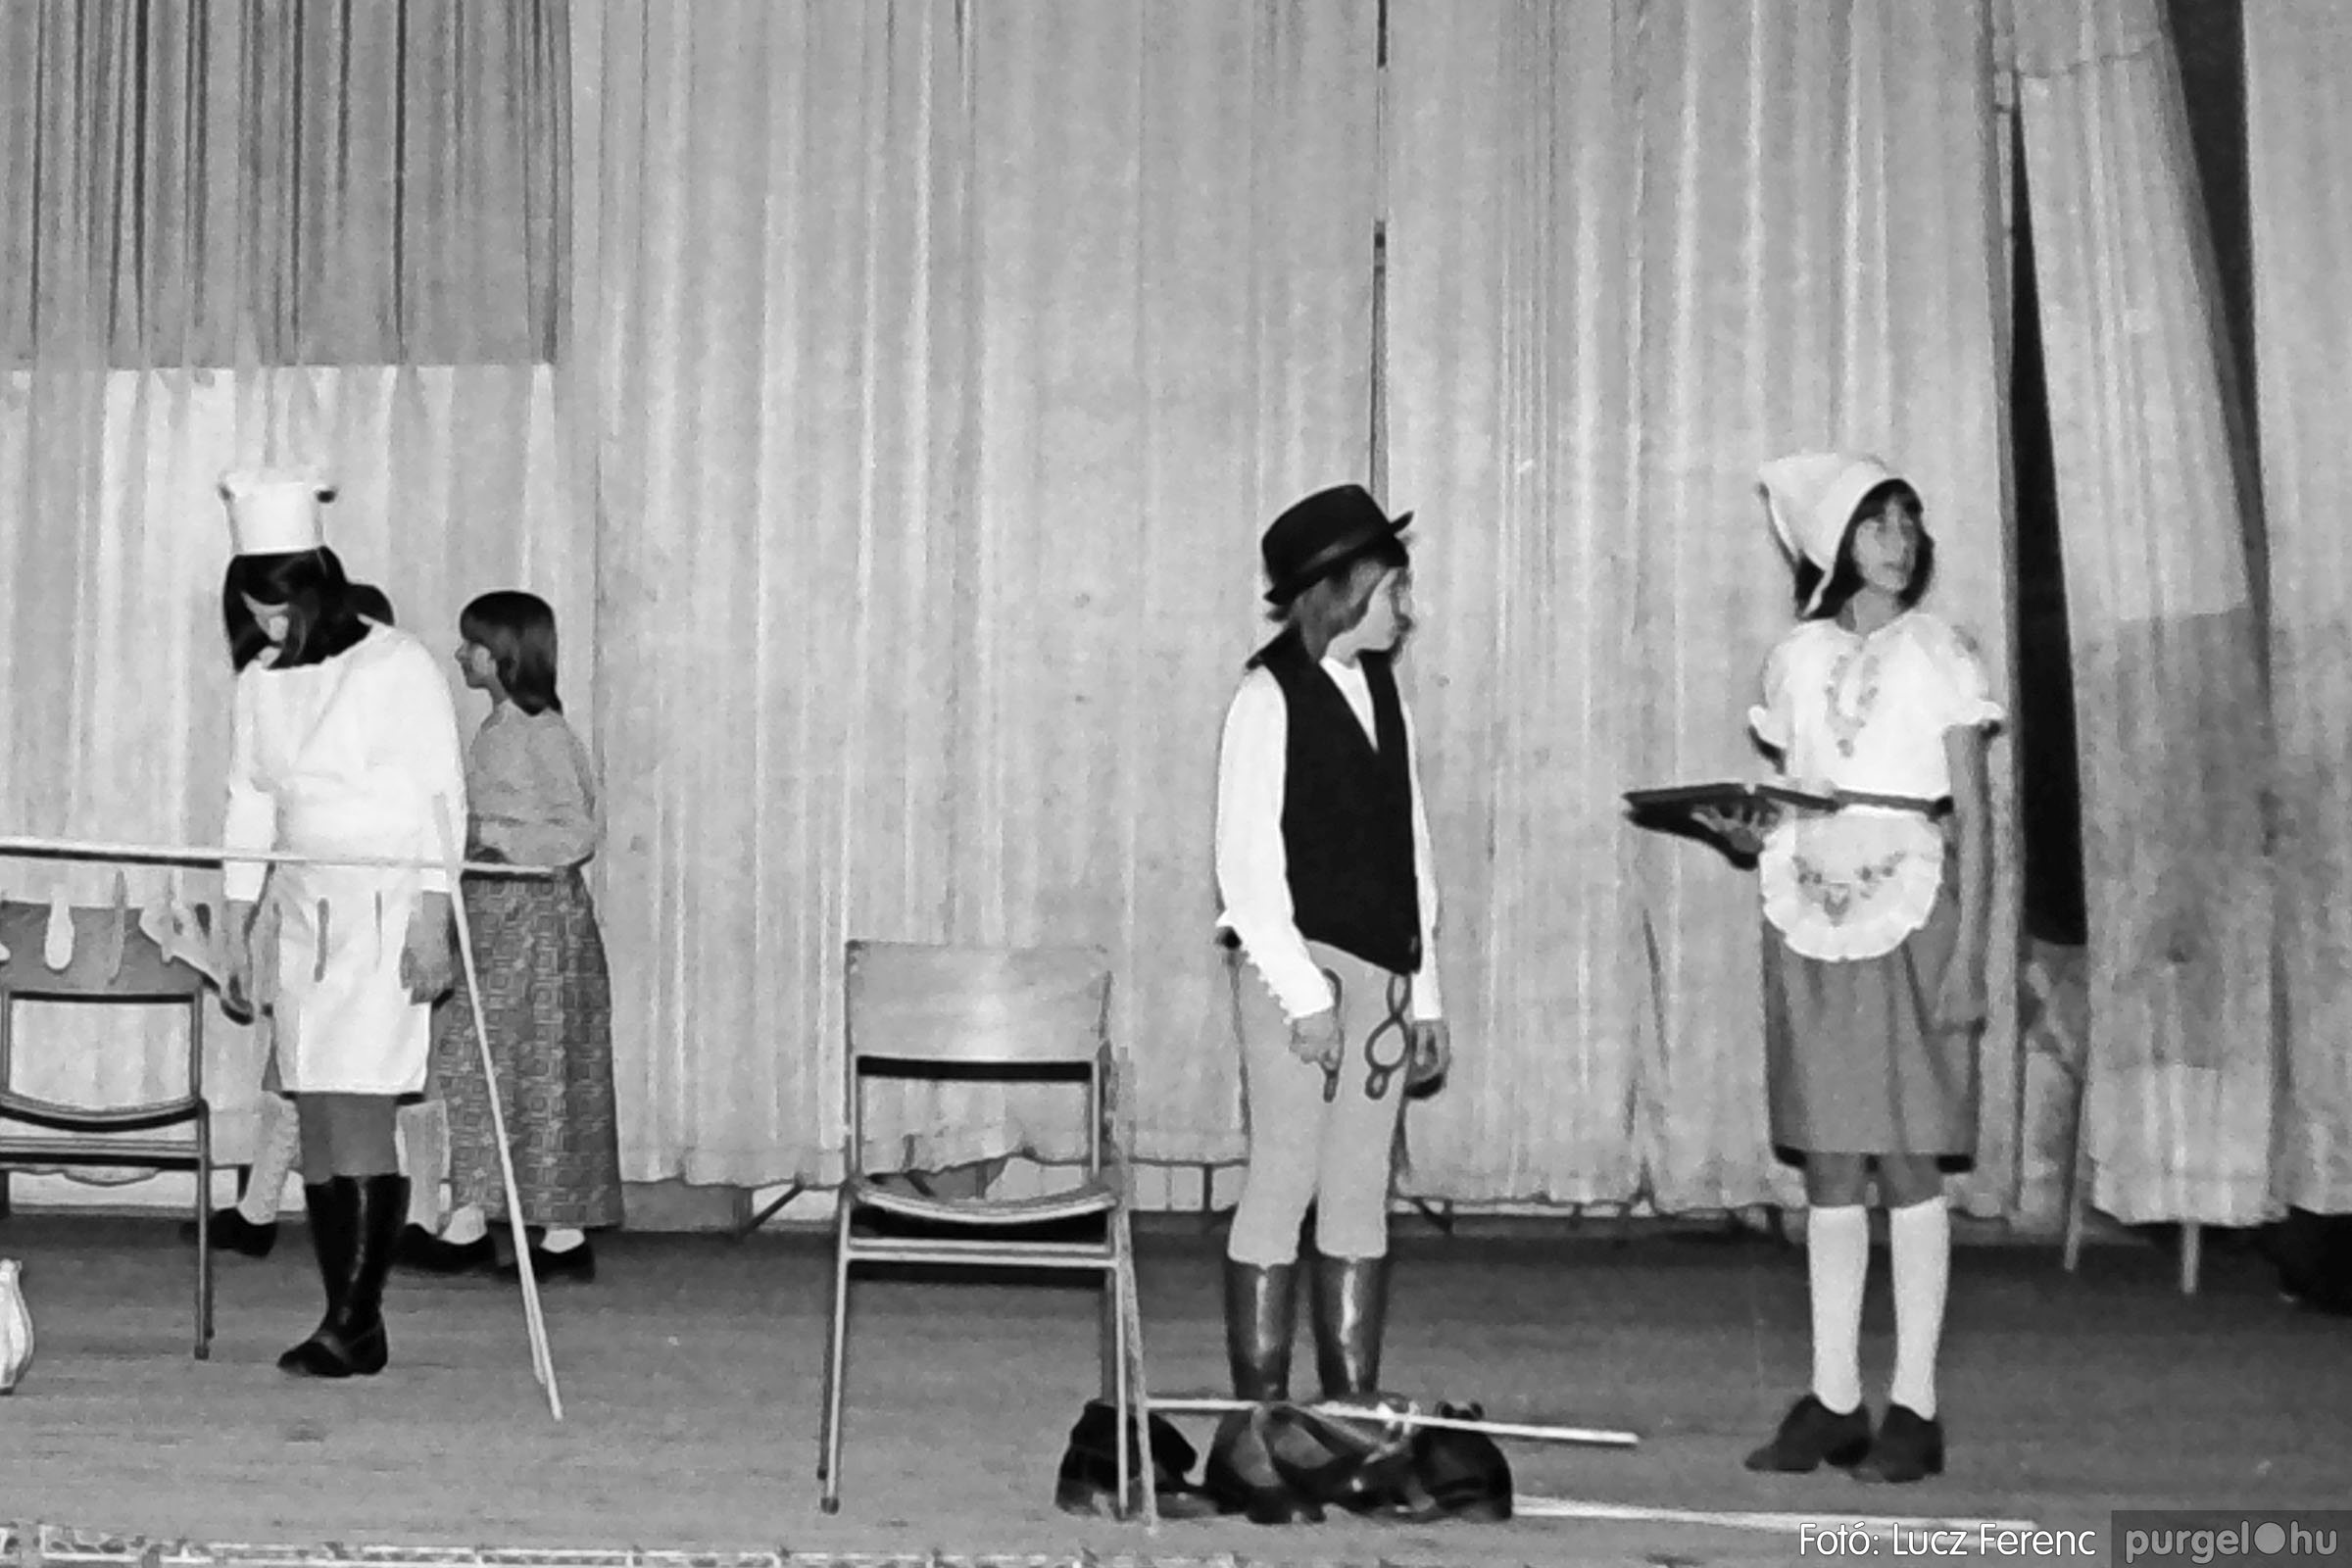 036-037. 1976. Diákprogram a kultúrházban 028 - Fotó: Lucz Ferenc.jpg